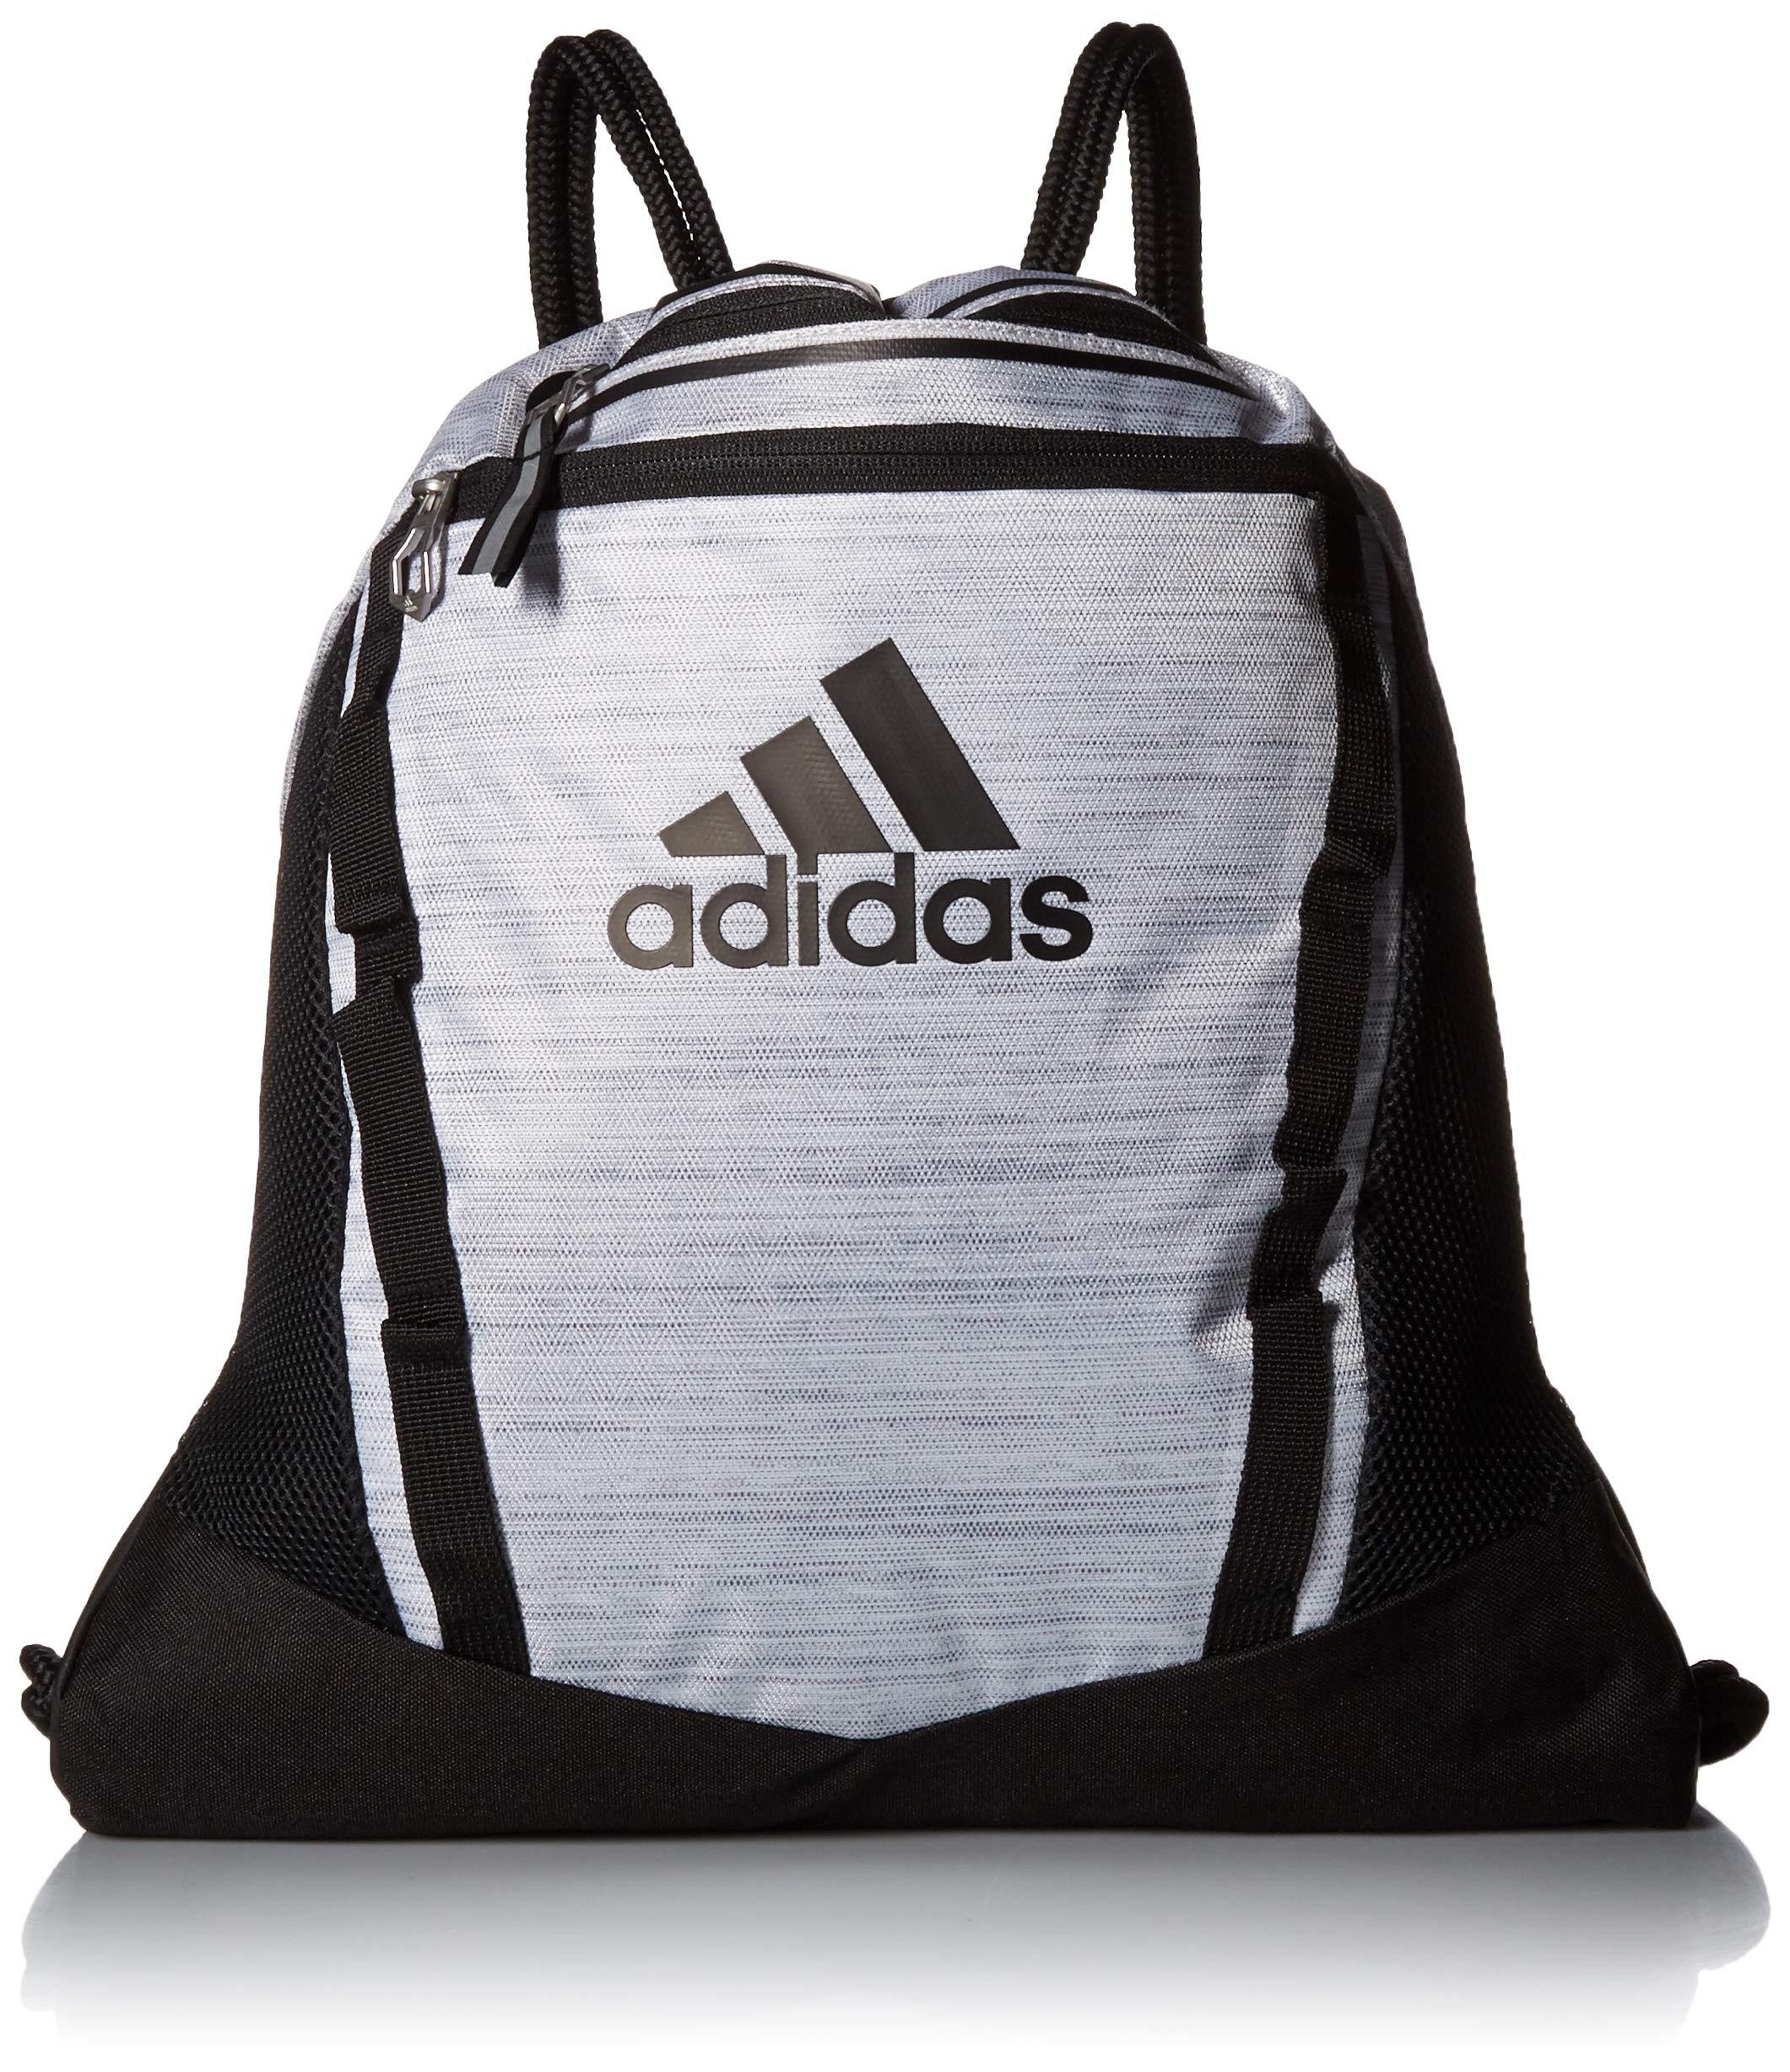 adidas Rumble II Sackpack, White Two Tone/Black, One Size